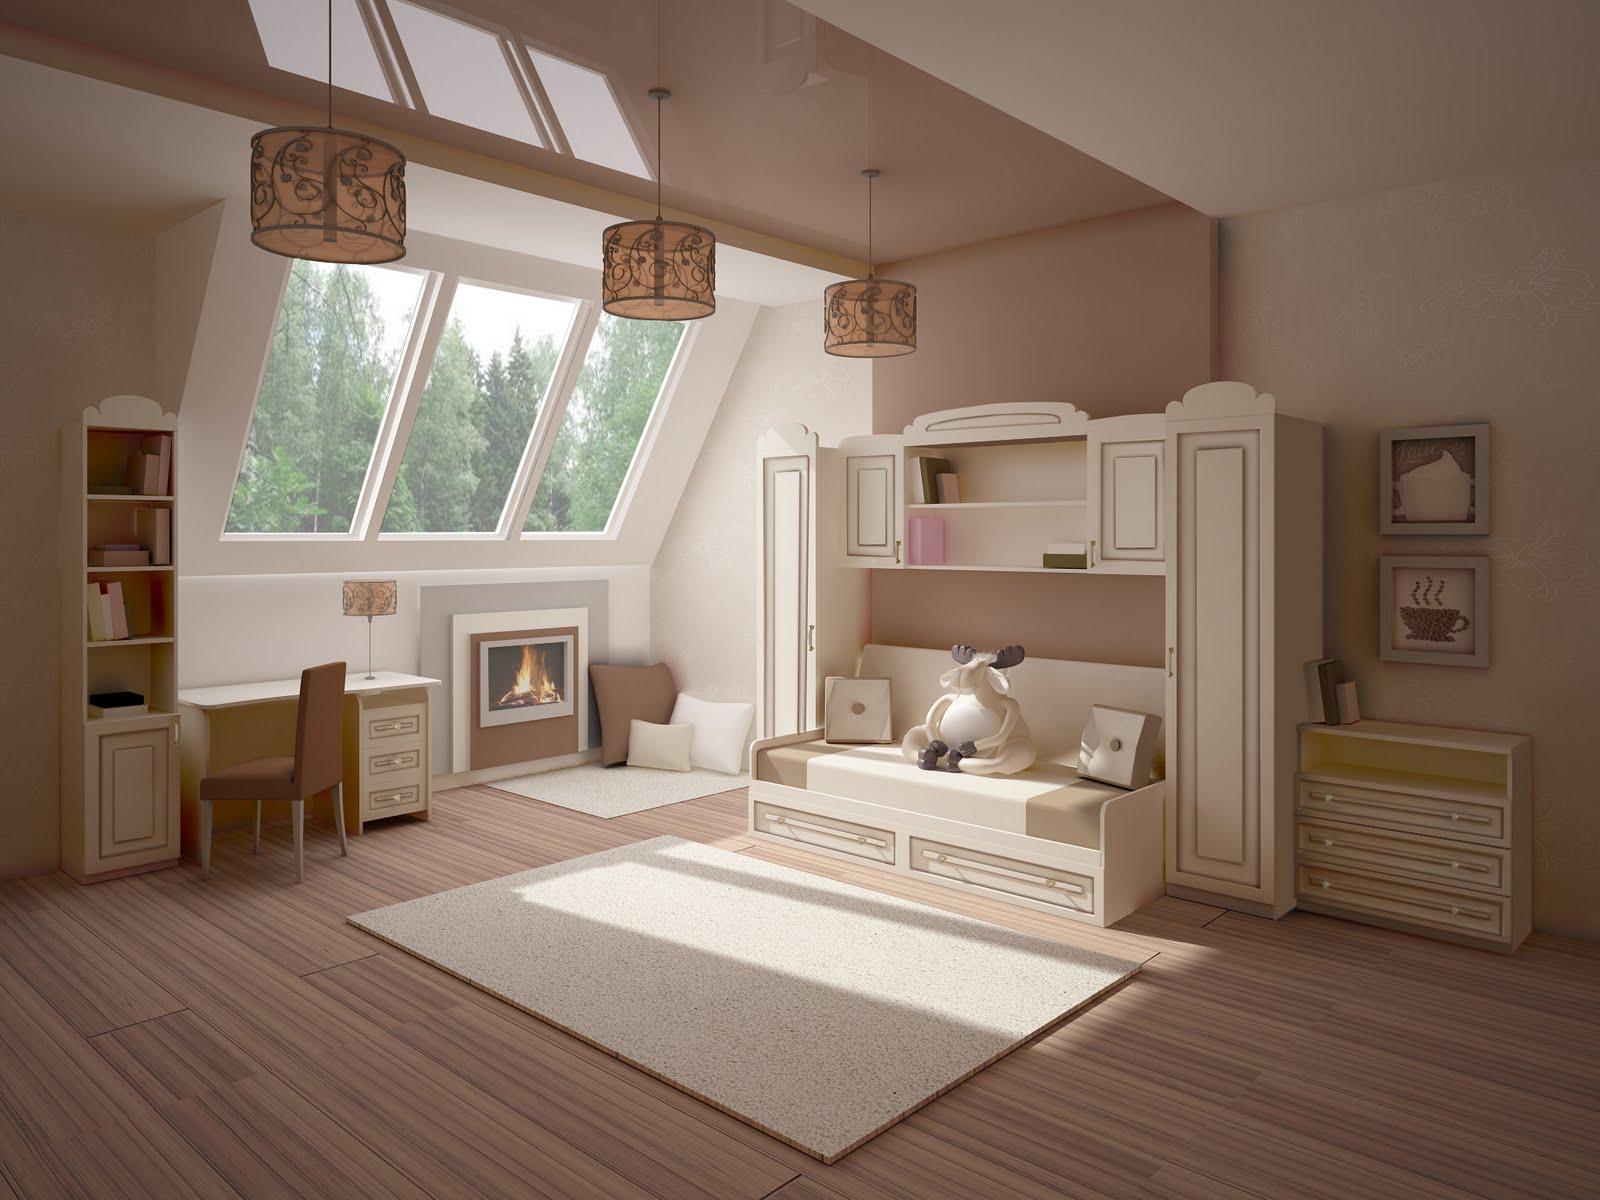 Бежевая корпусная мебель в классической детской